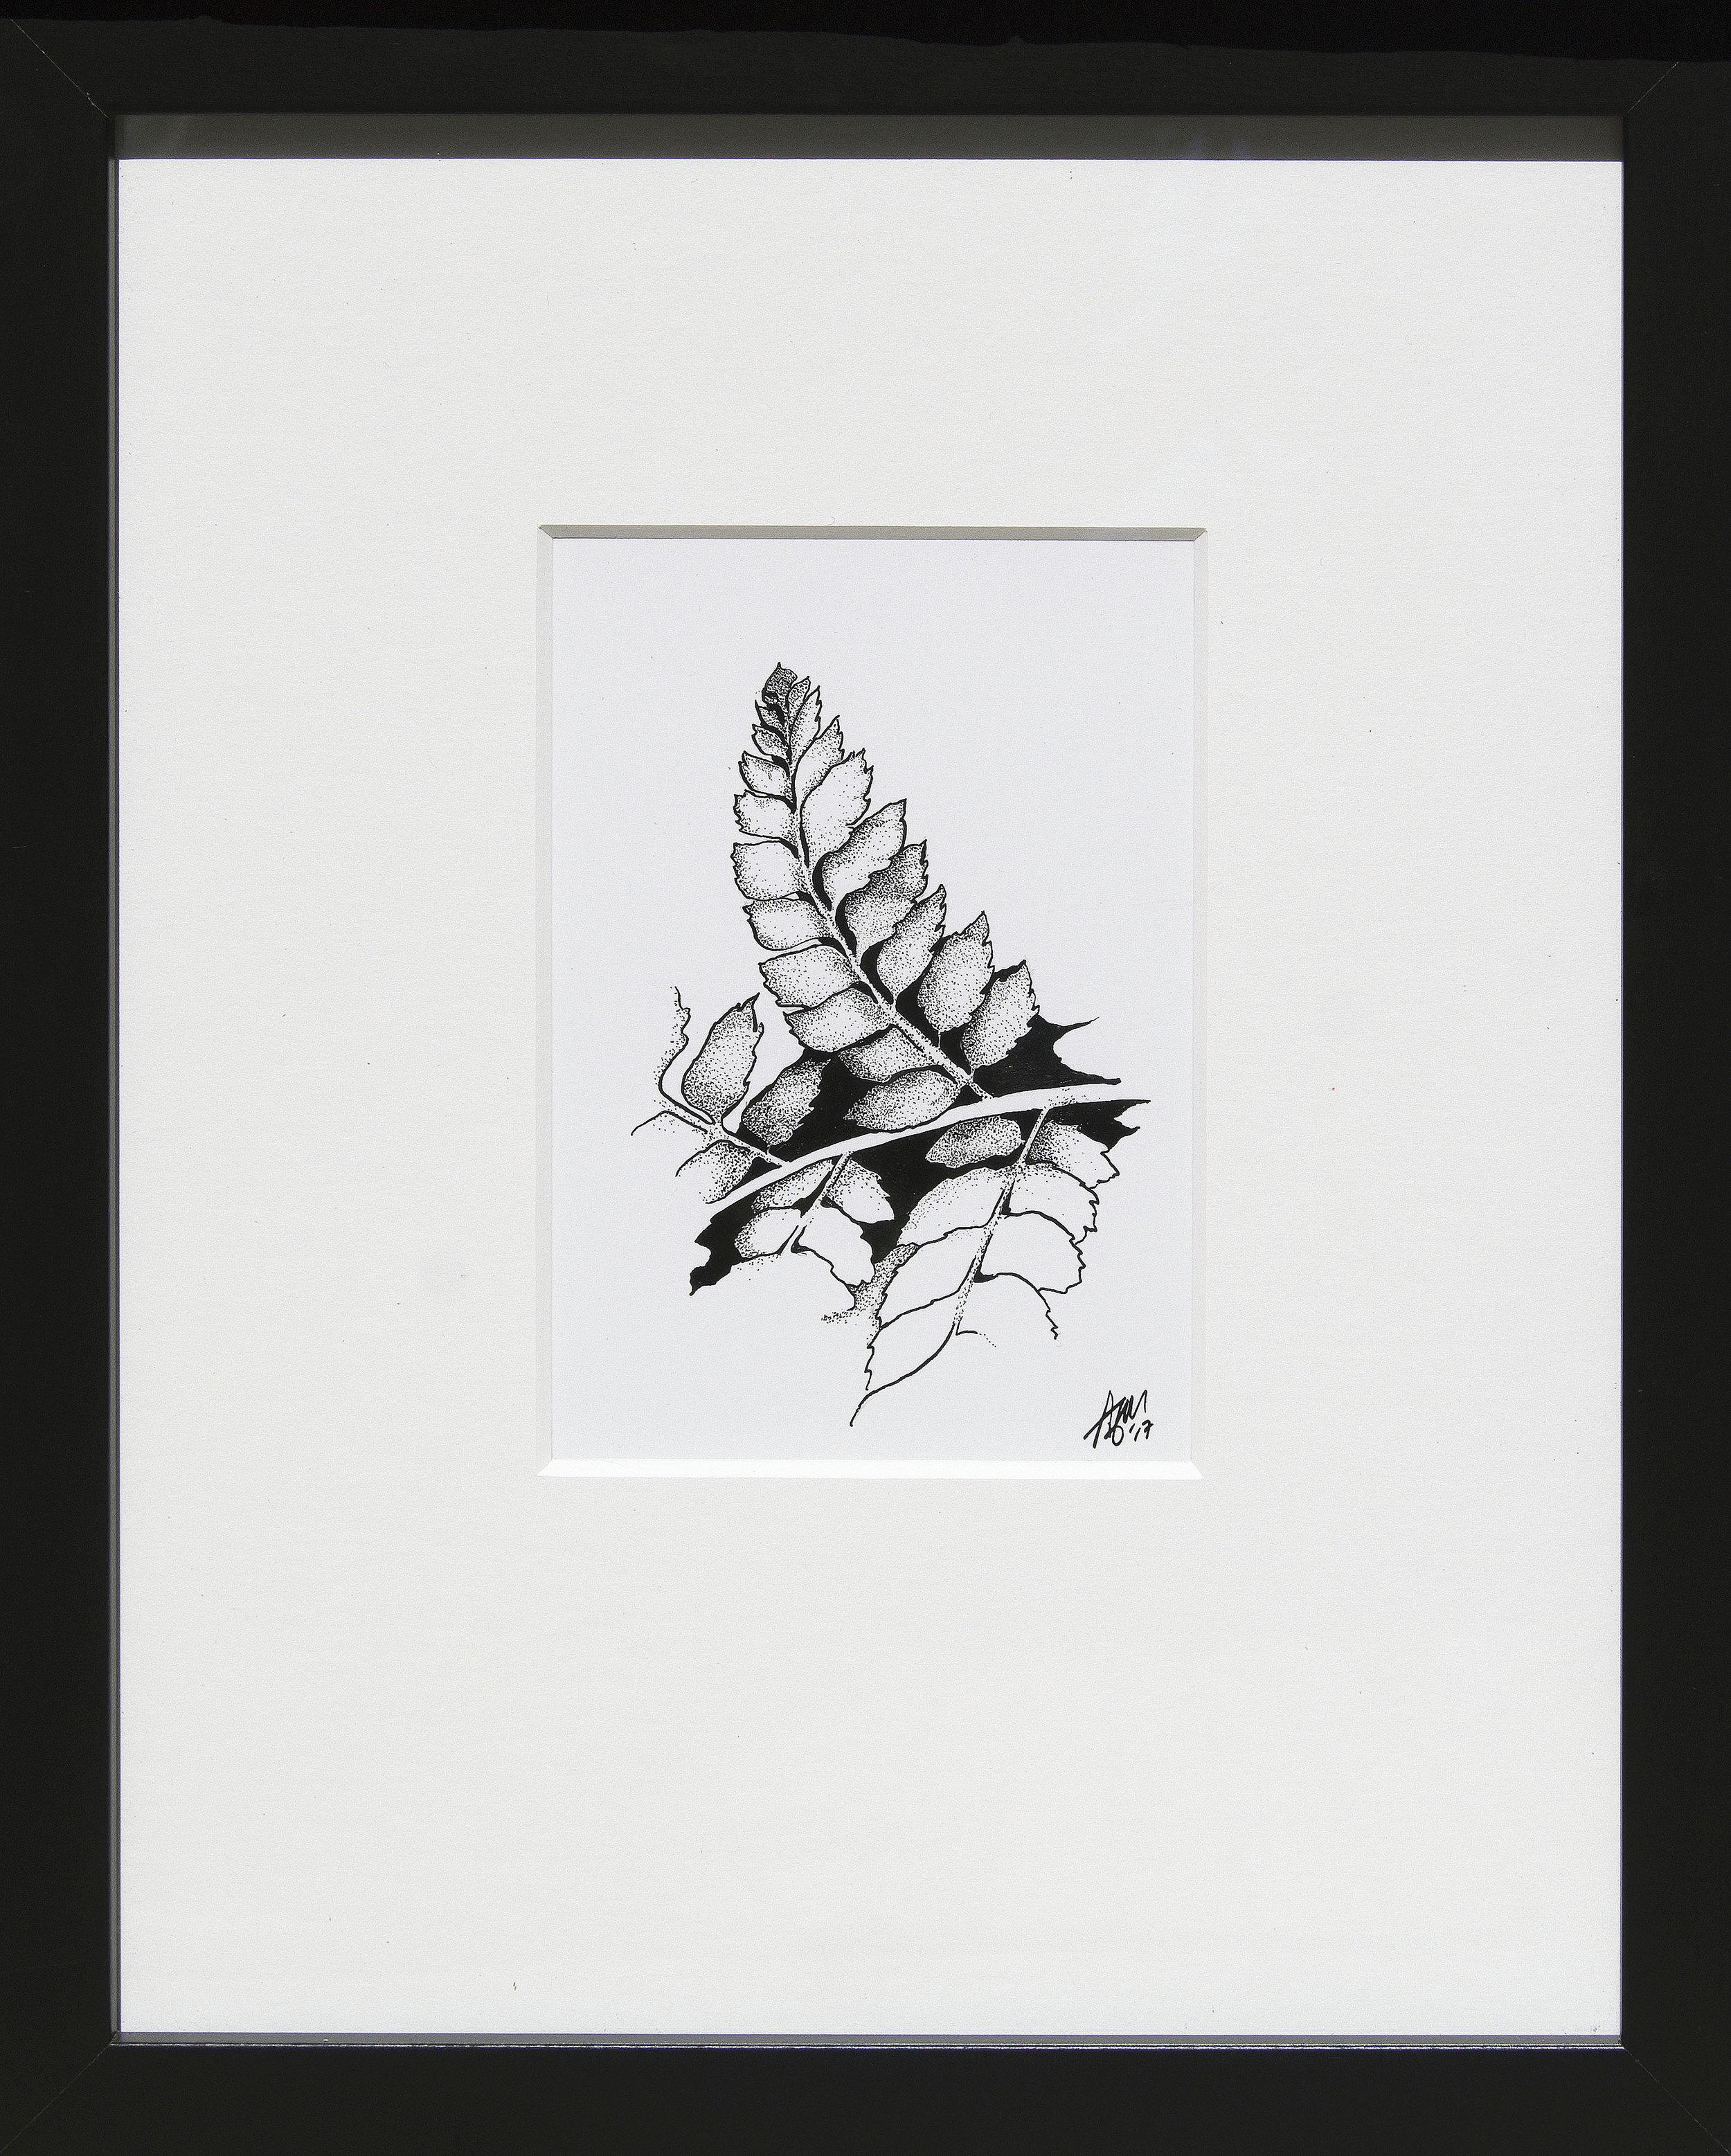 Dryopteris sp. pinna